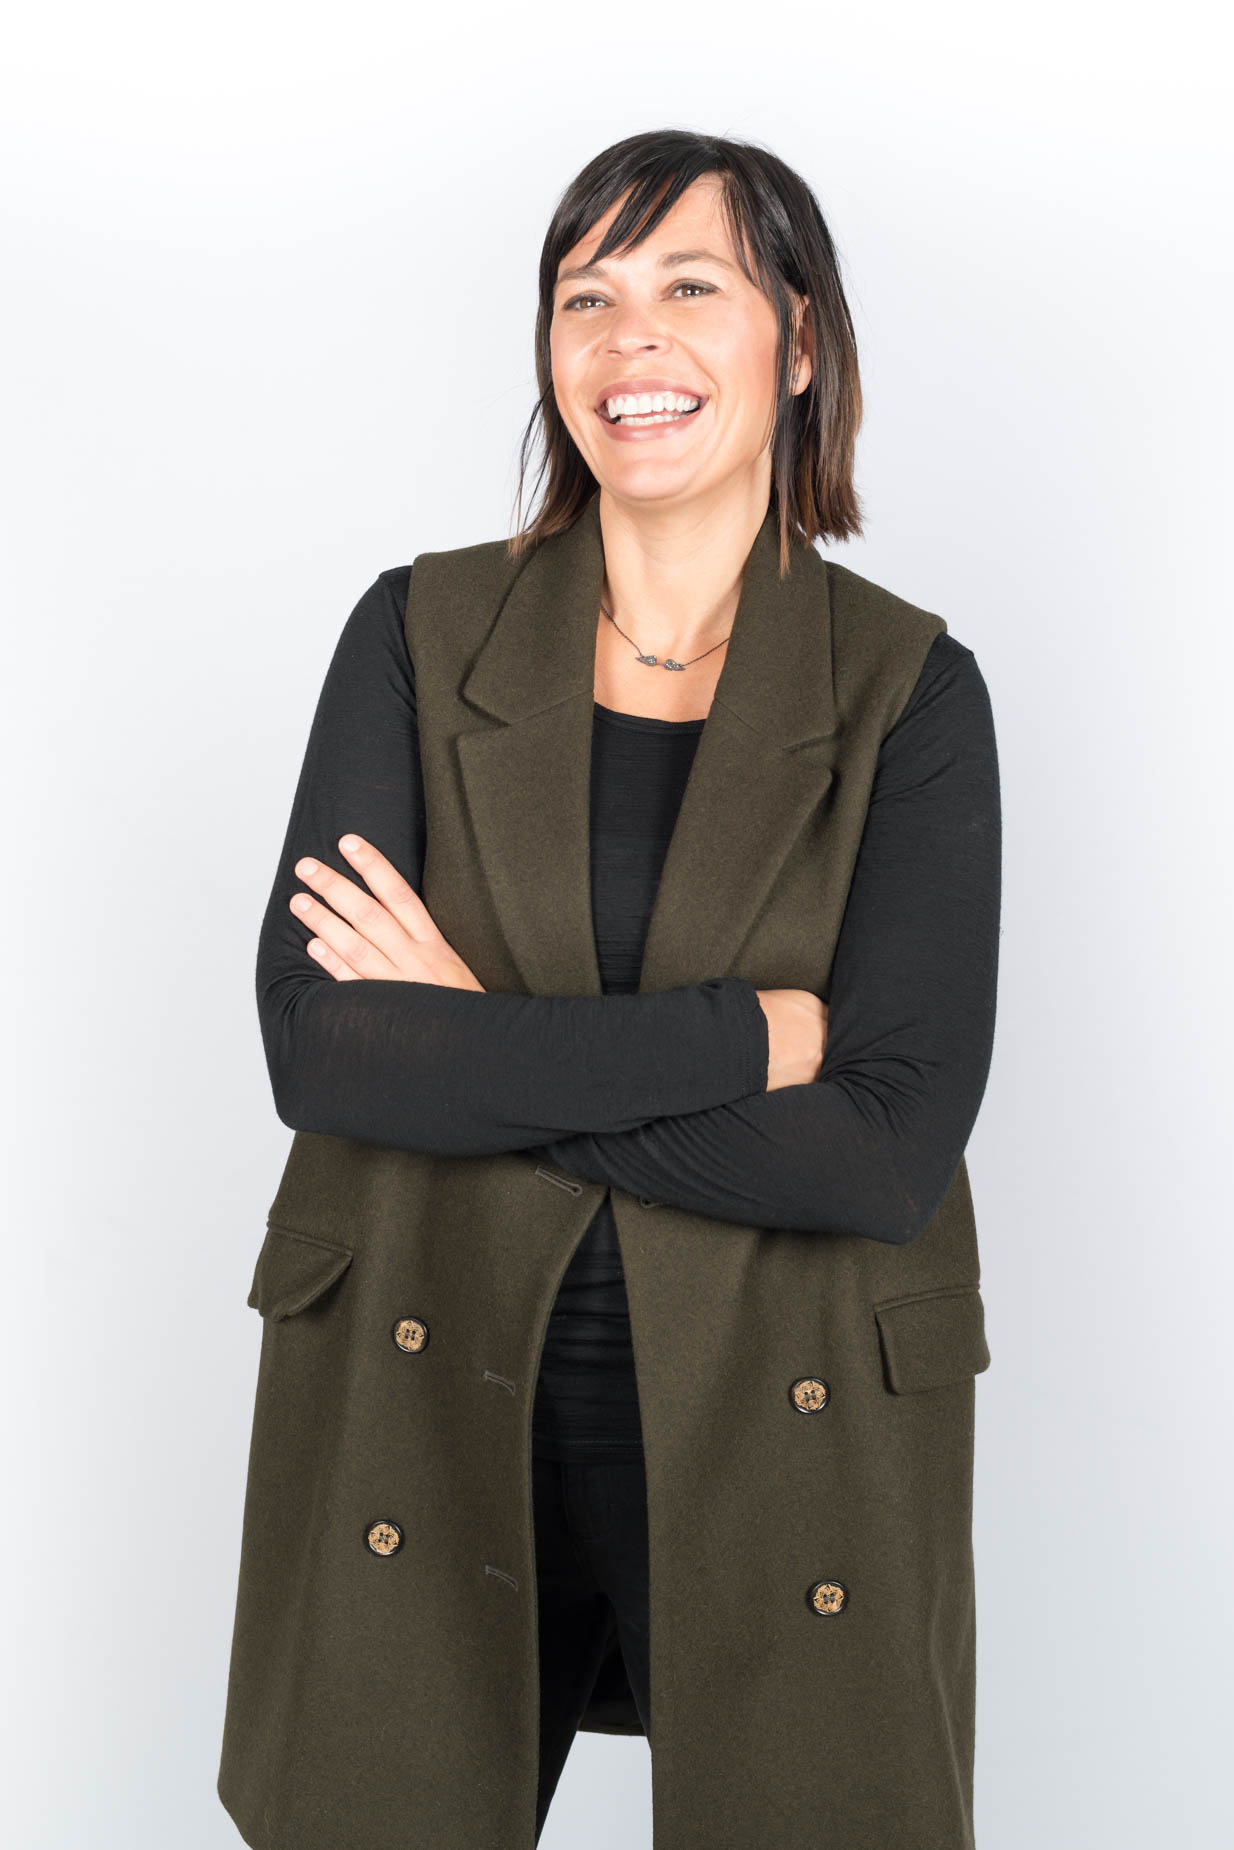 Judith Siegert